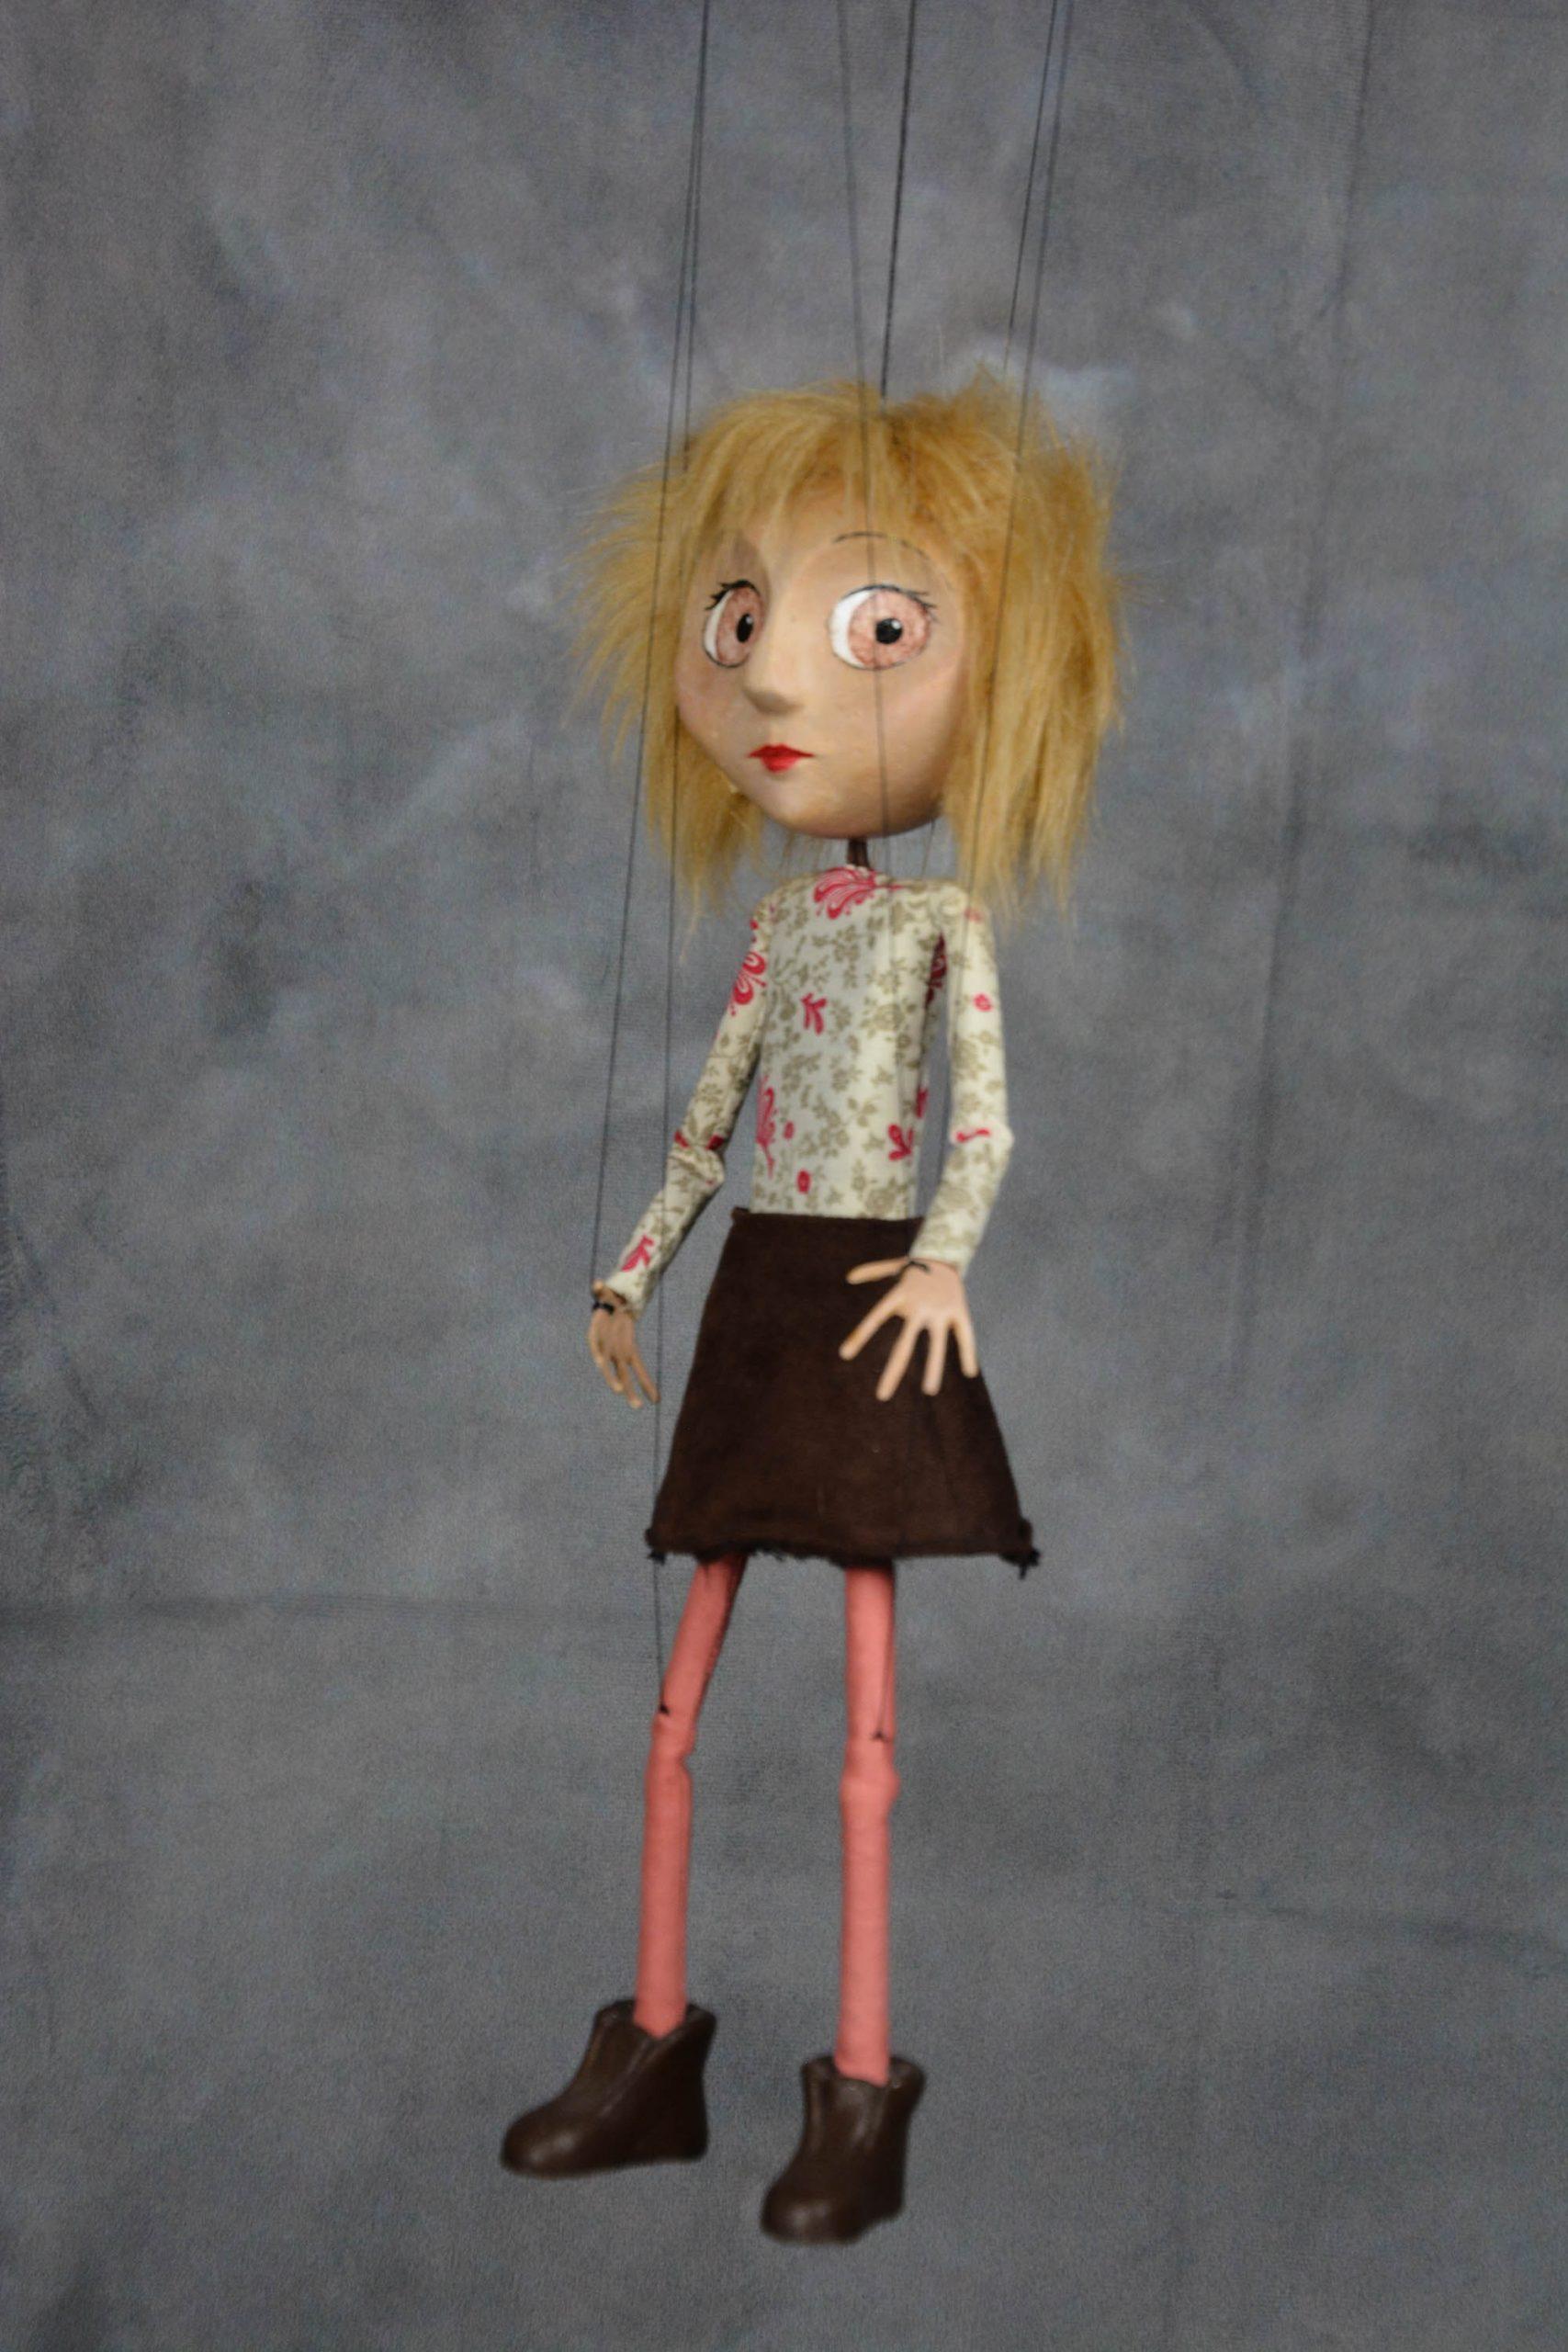 marionnette artisanale fille blonde